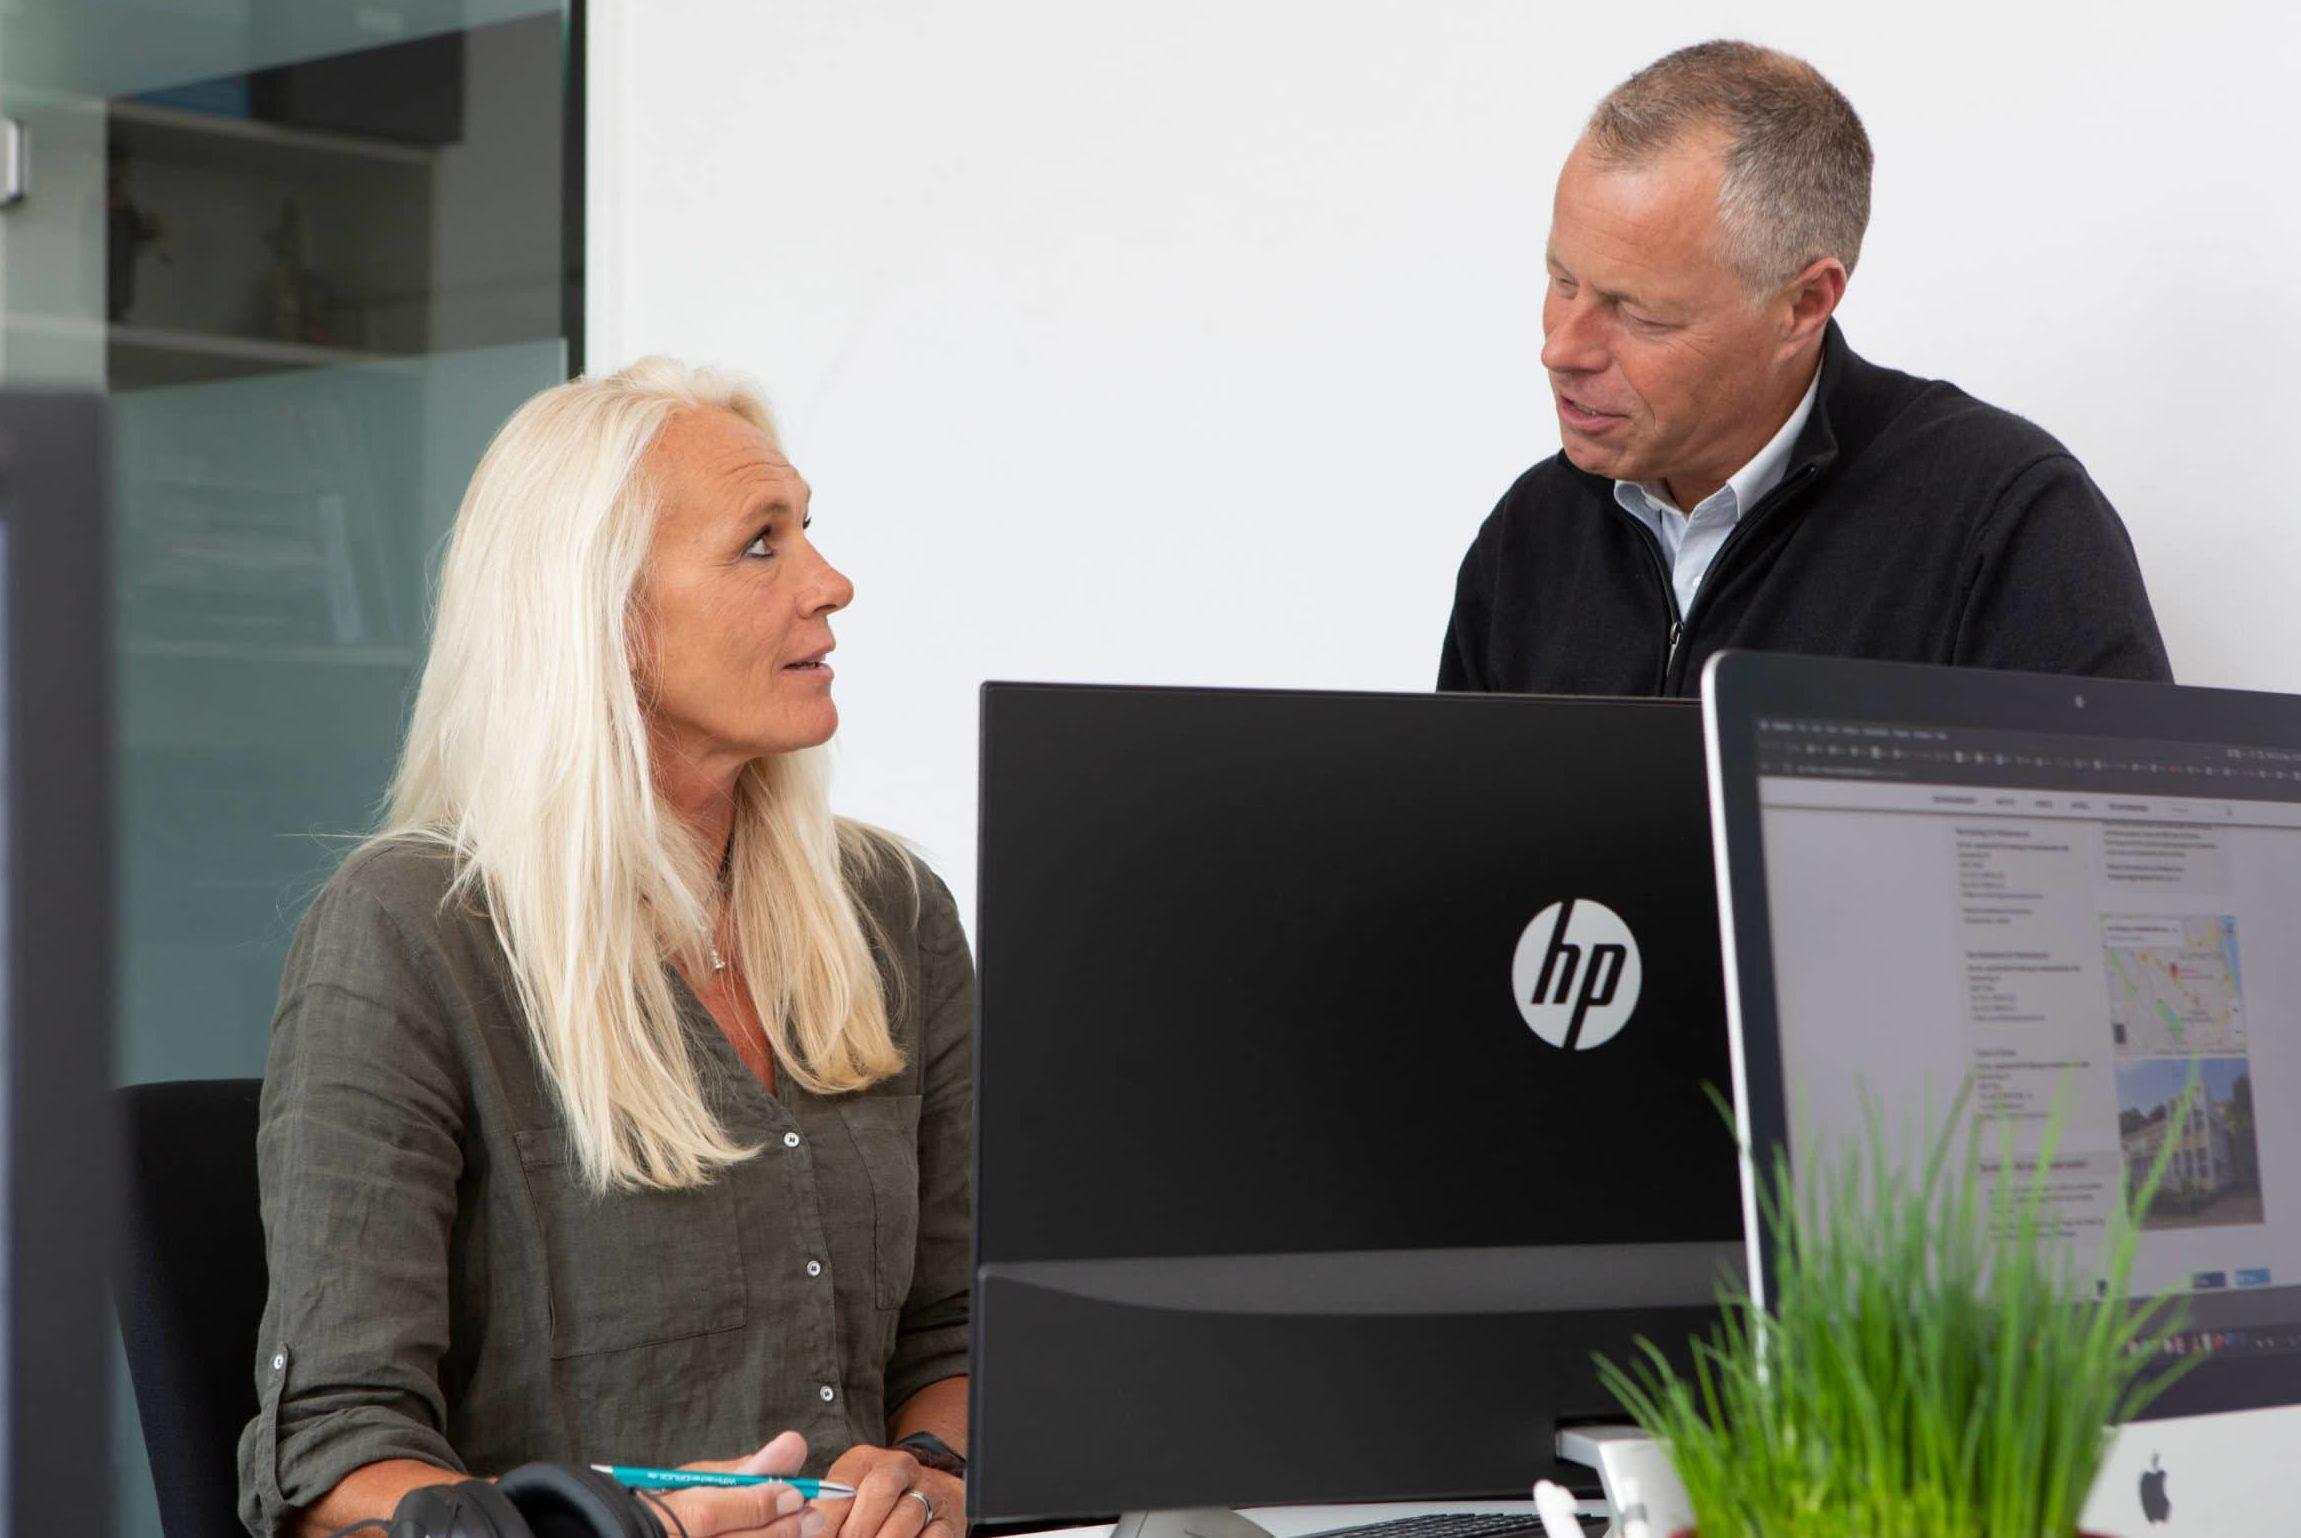 Go-Digital! Digitalisieren Sie jetzt Ihr Unternehmen mit dem Förderprogramm go-digital!